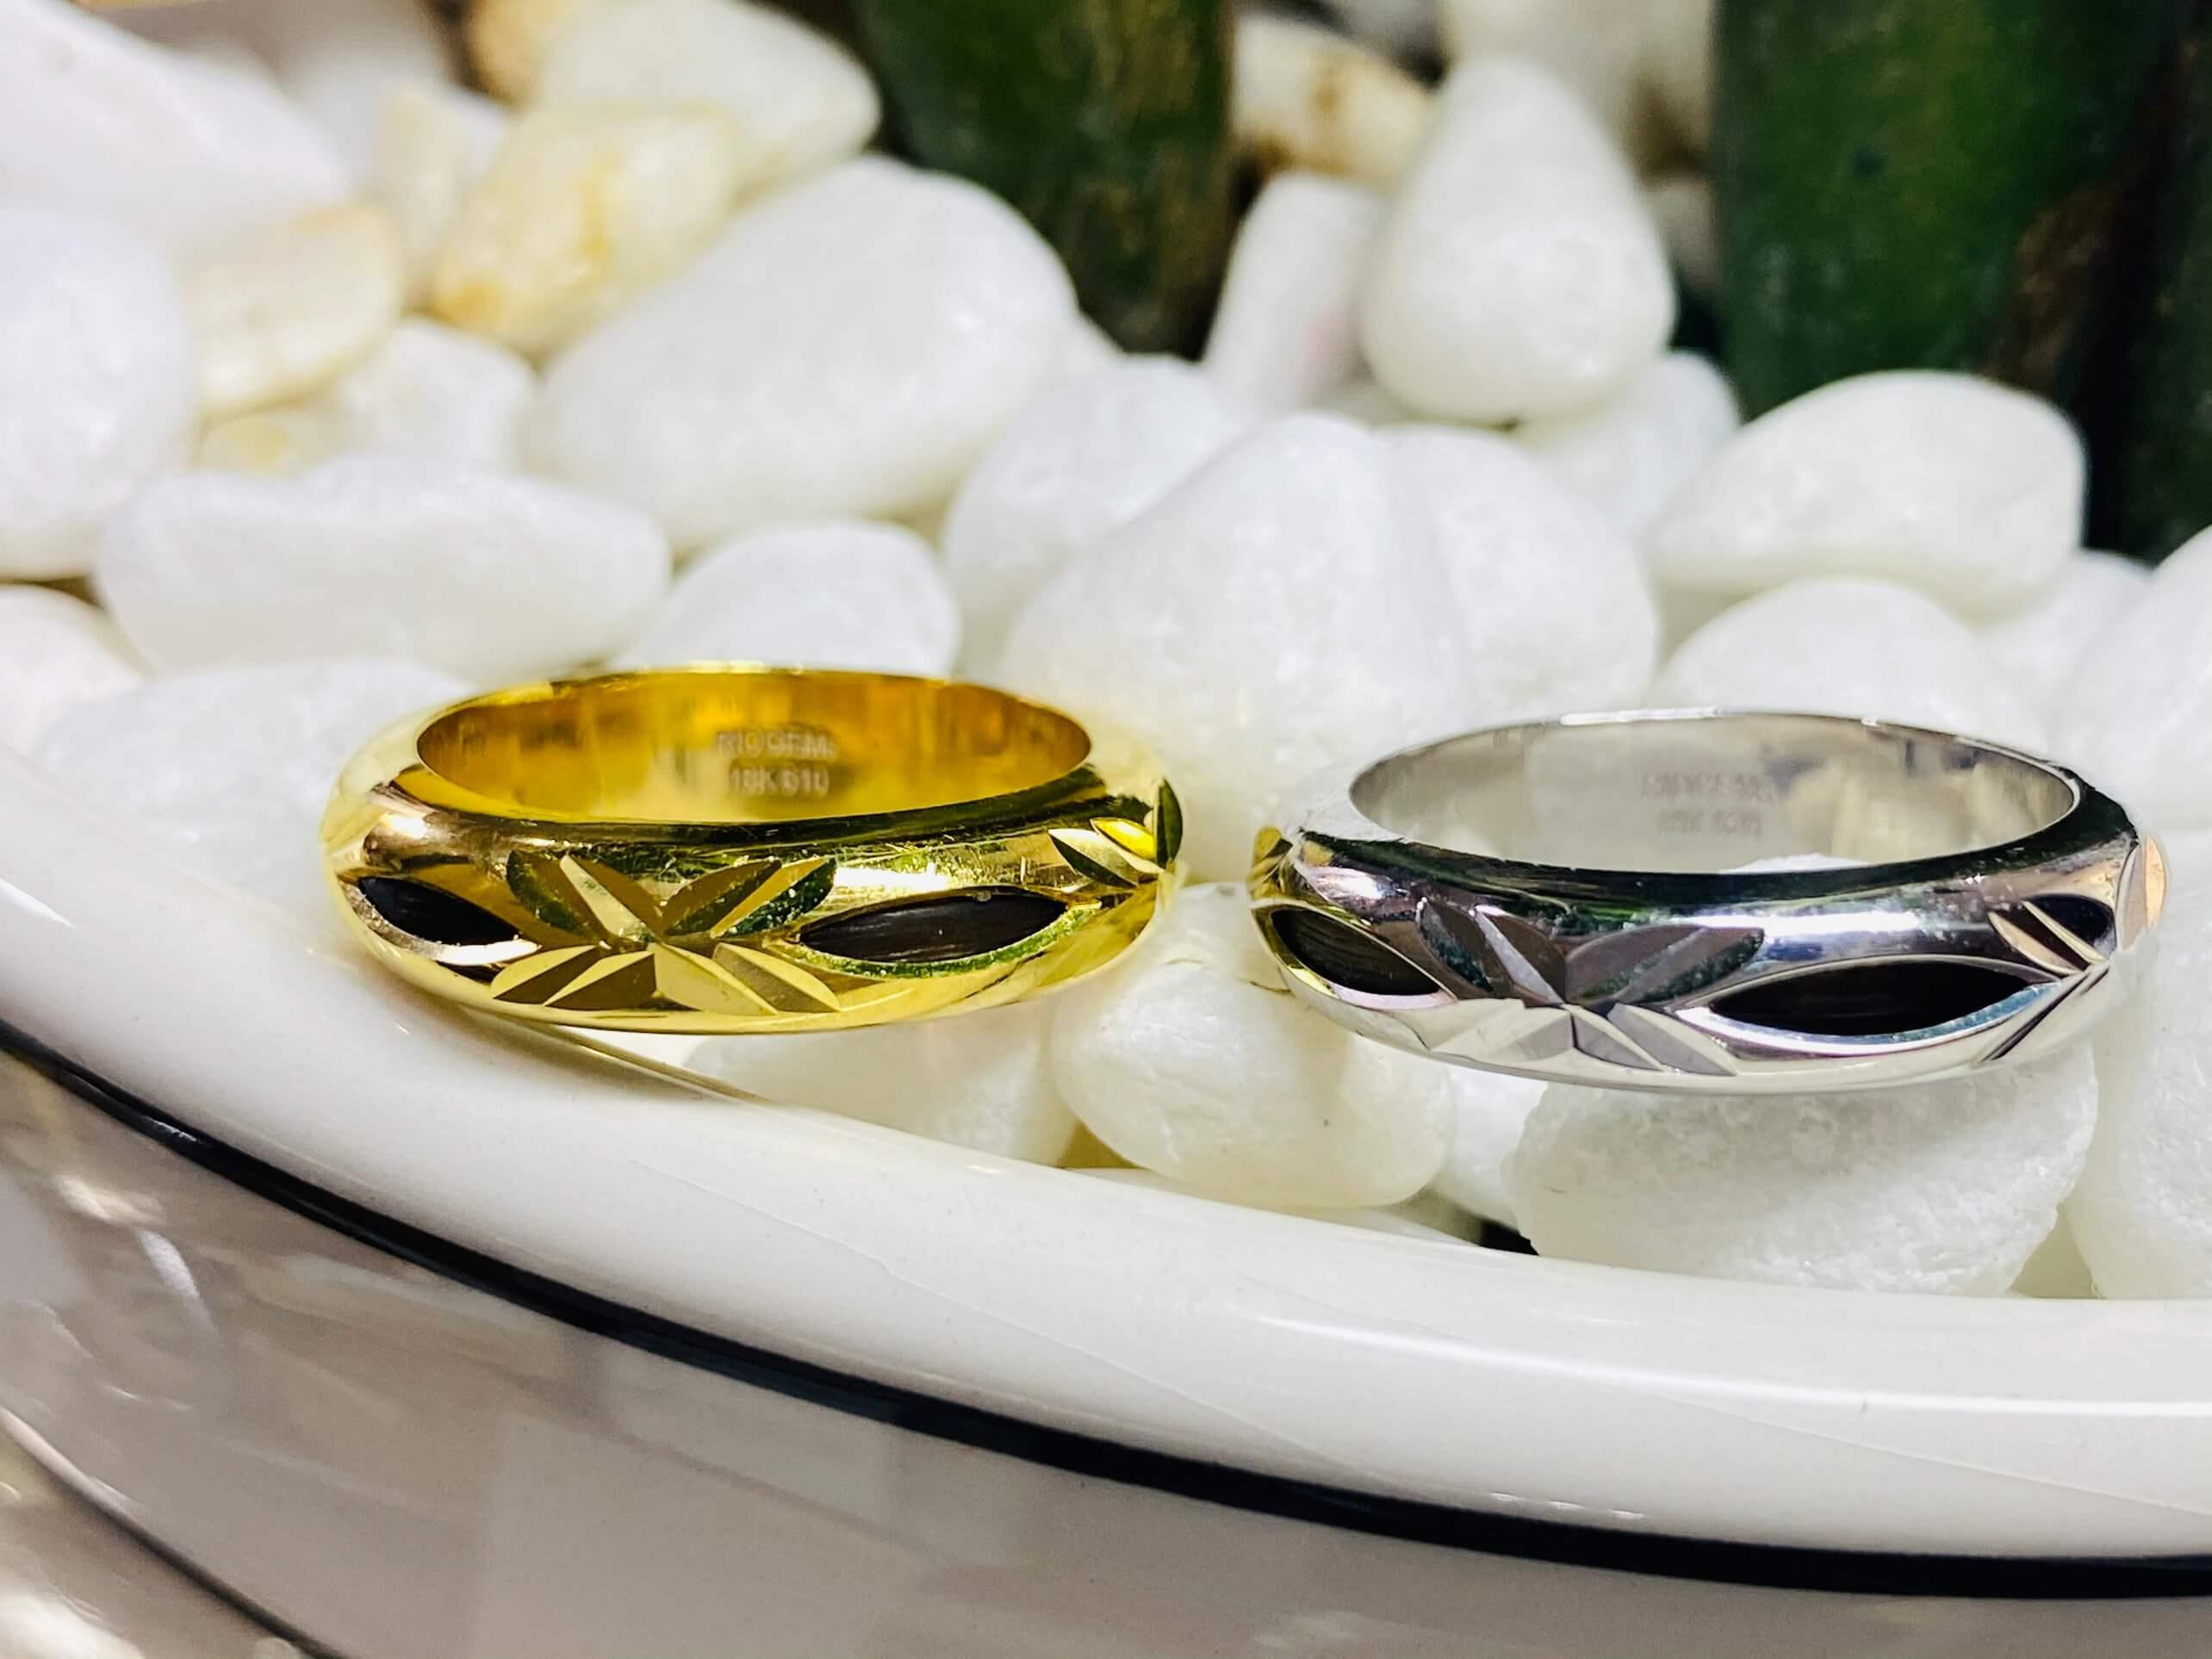 Cặp nhẫn nam 1 lông Bản Đôn vàng trắng & vàng 18K chuẩn 3.9li (lông FAKE) mang lại tài lộc